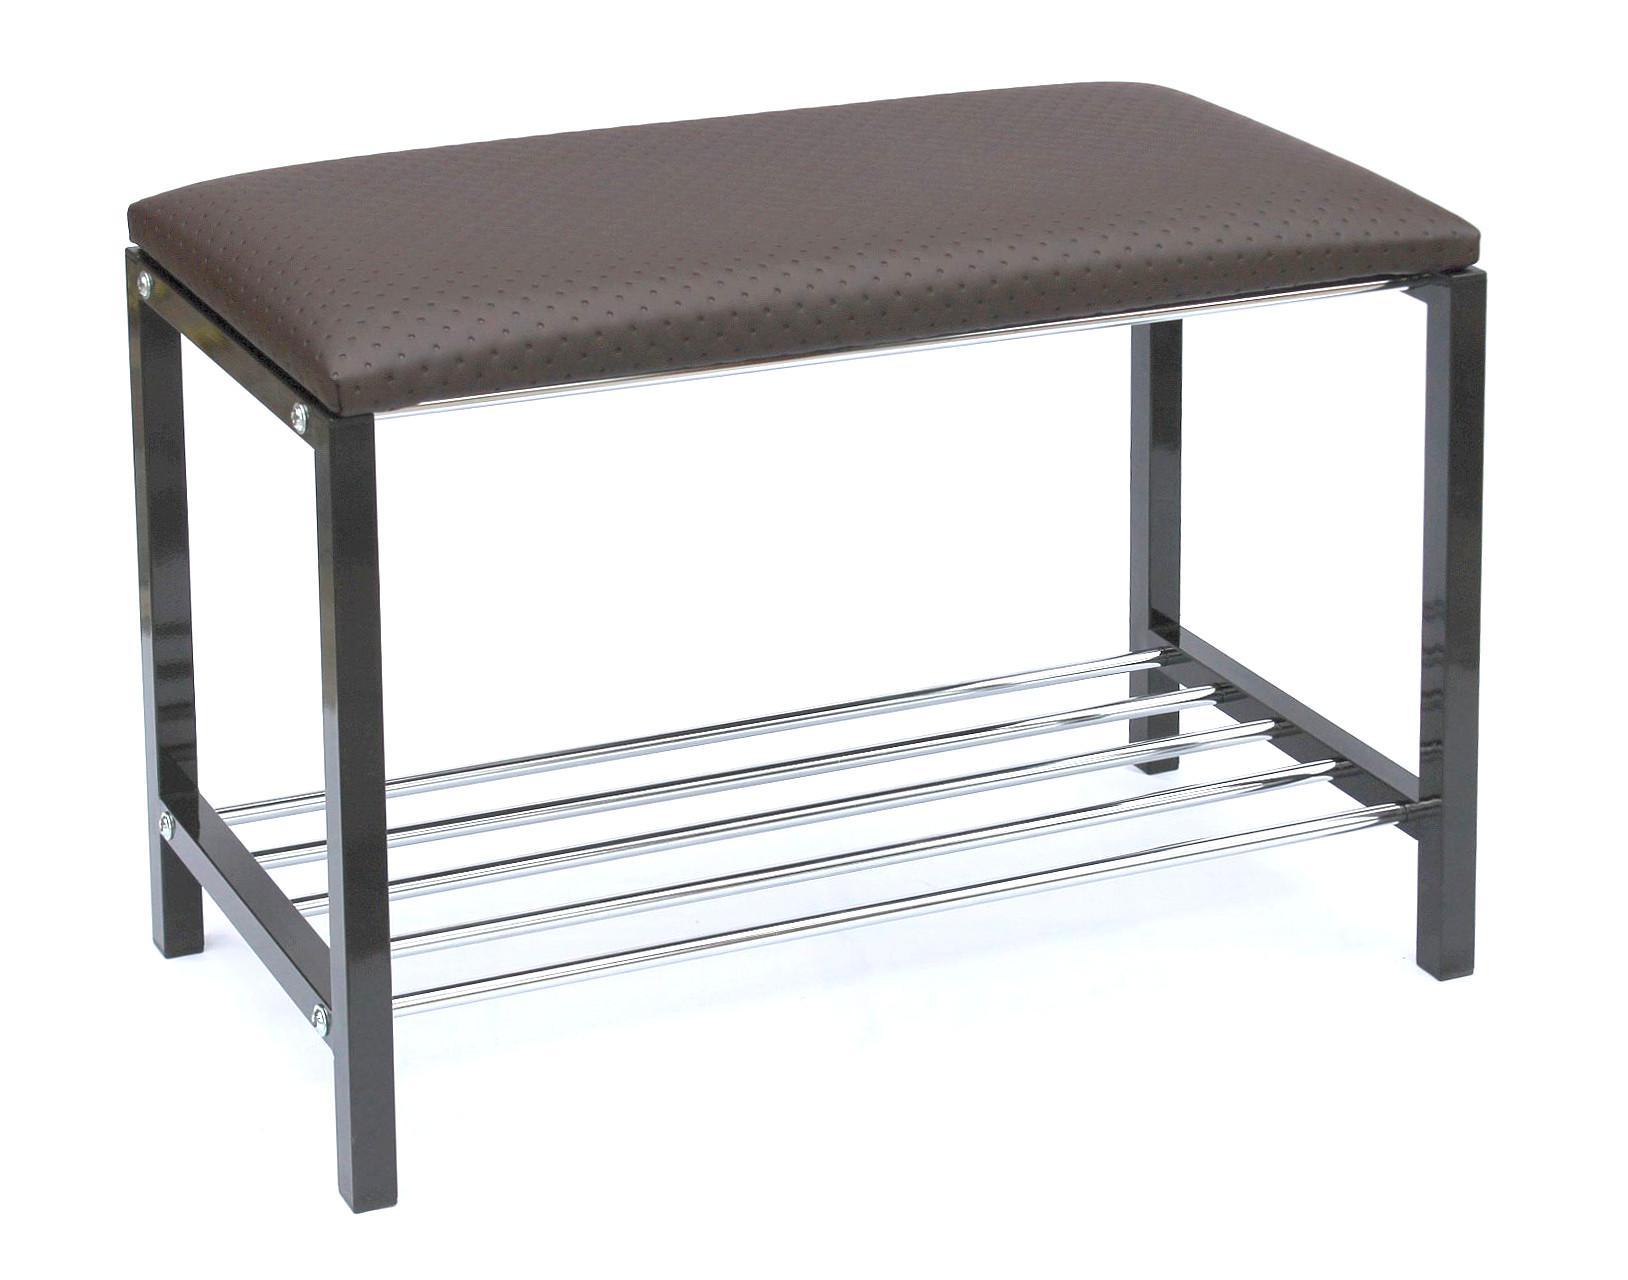 schuhregal mit sitzbank bank 70cm schuhschrank aus metall schuhablage kaufen bei. Black Bedroom Furniture Sets. Home Design Ideas